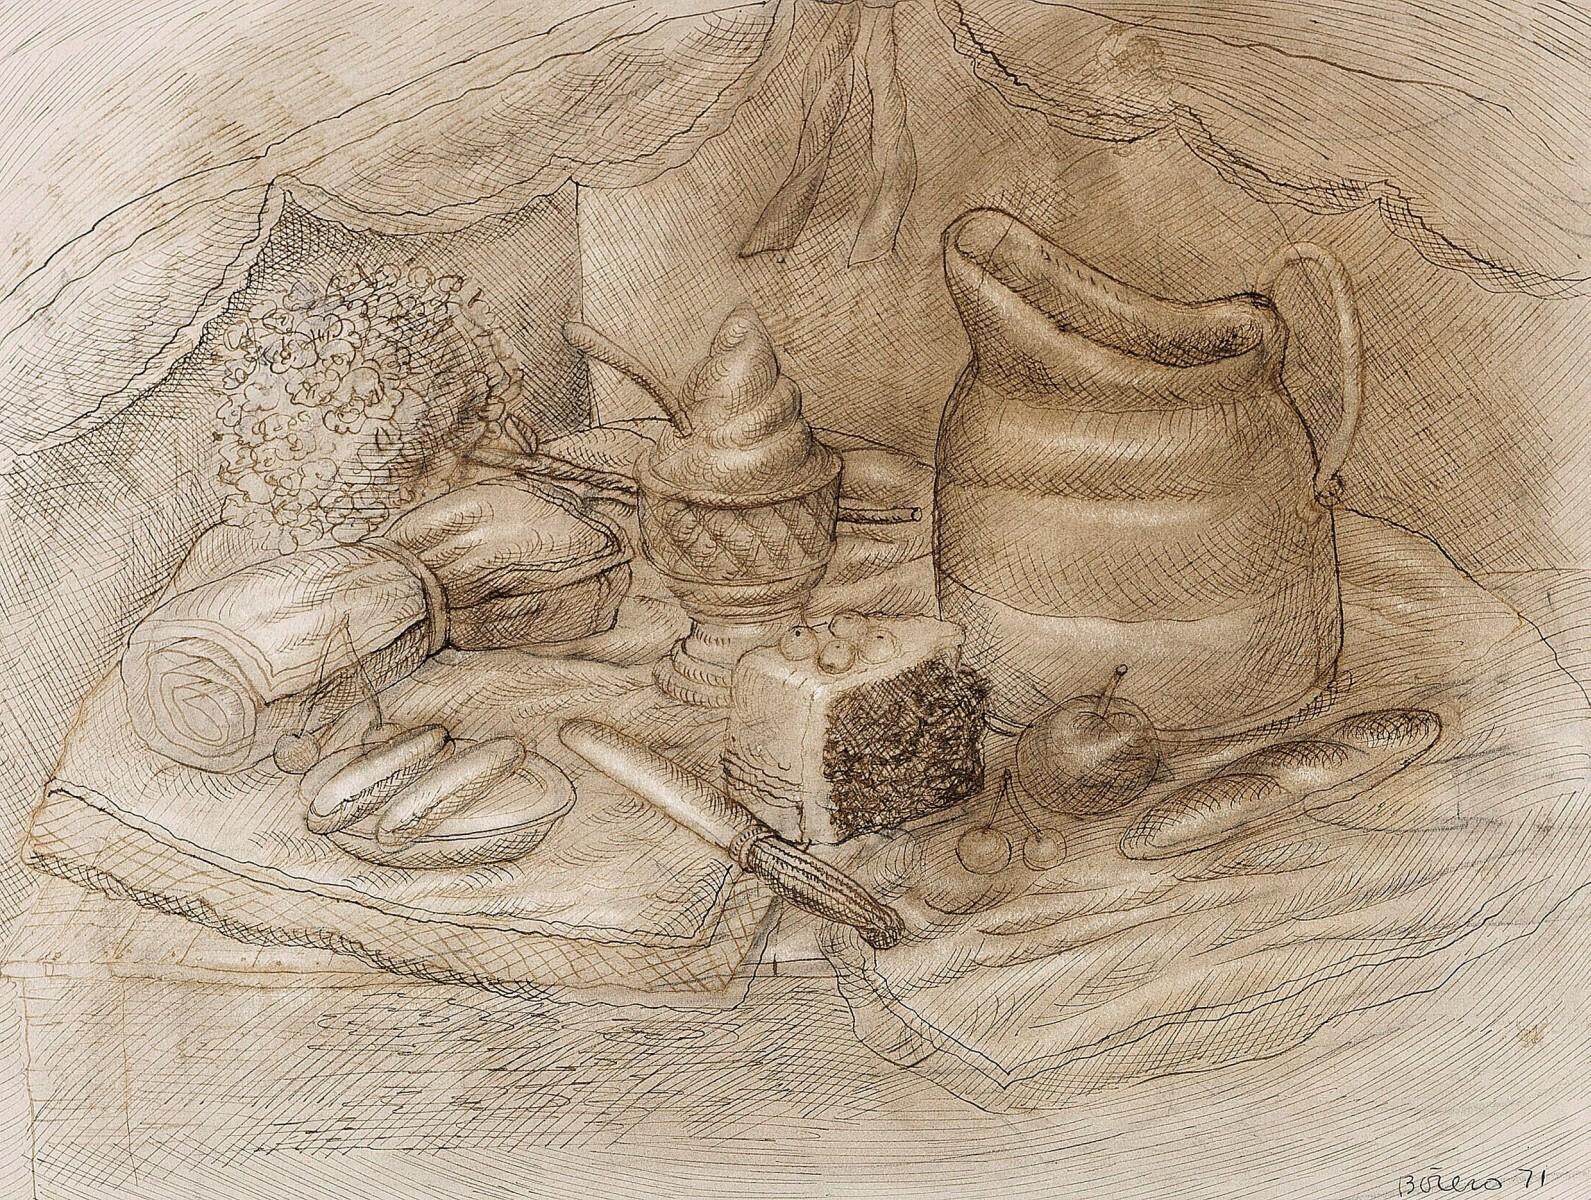 Fernando Botero - Still Life